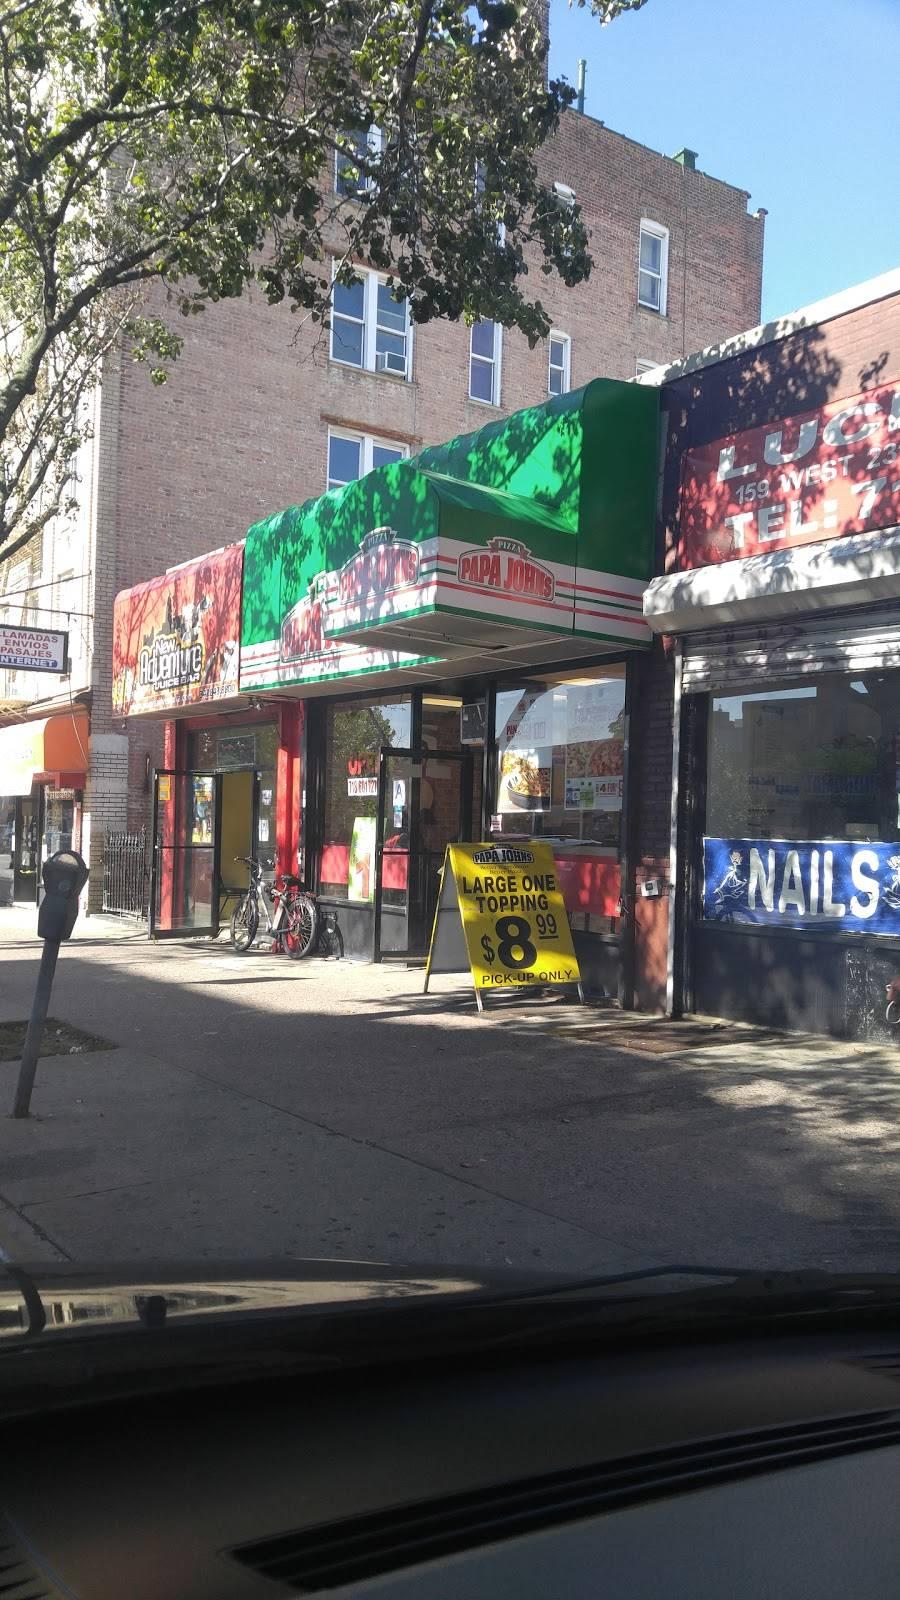 Papa Johns Pizza | restaurant | 161 W 231st St, Bronx, NY 10463, USA | 7186017272 OR +1 718-601-7272